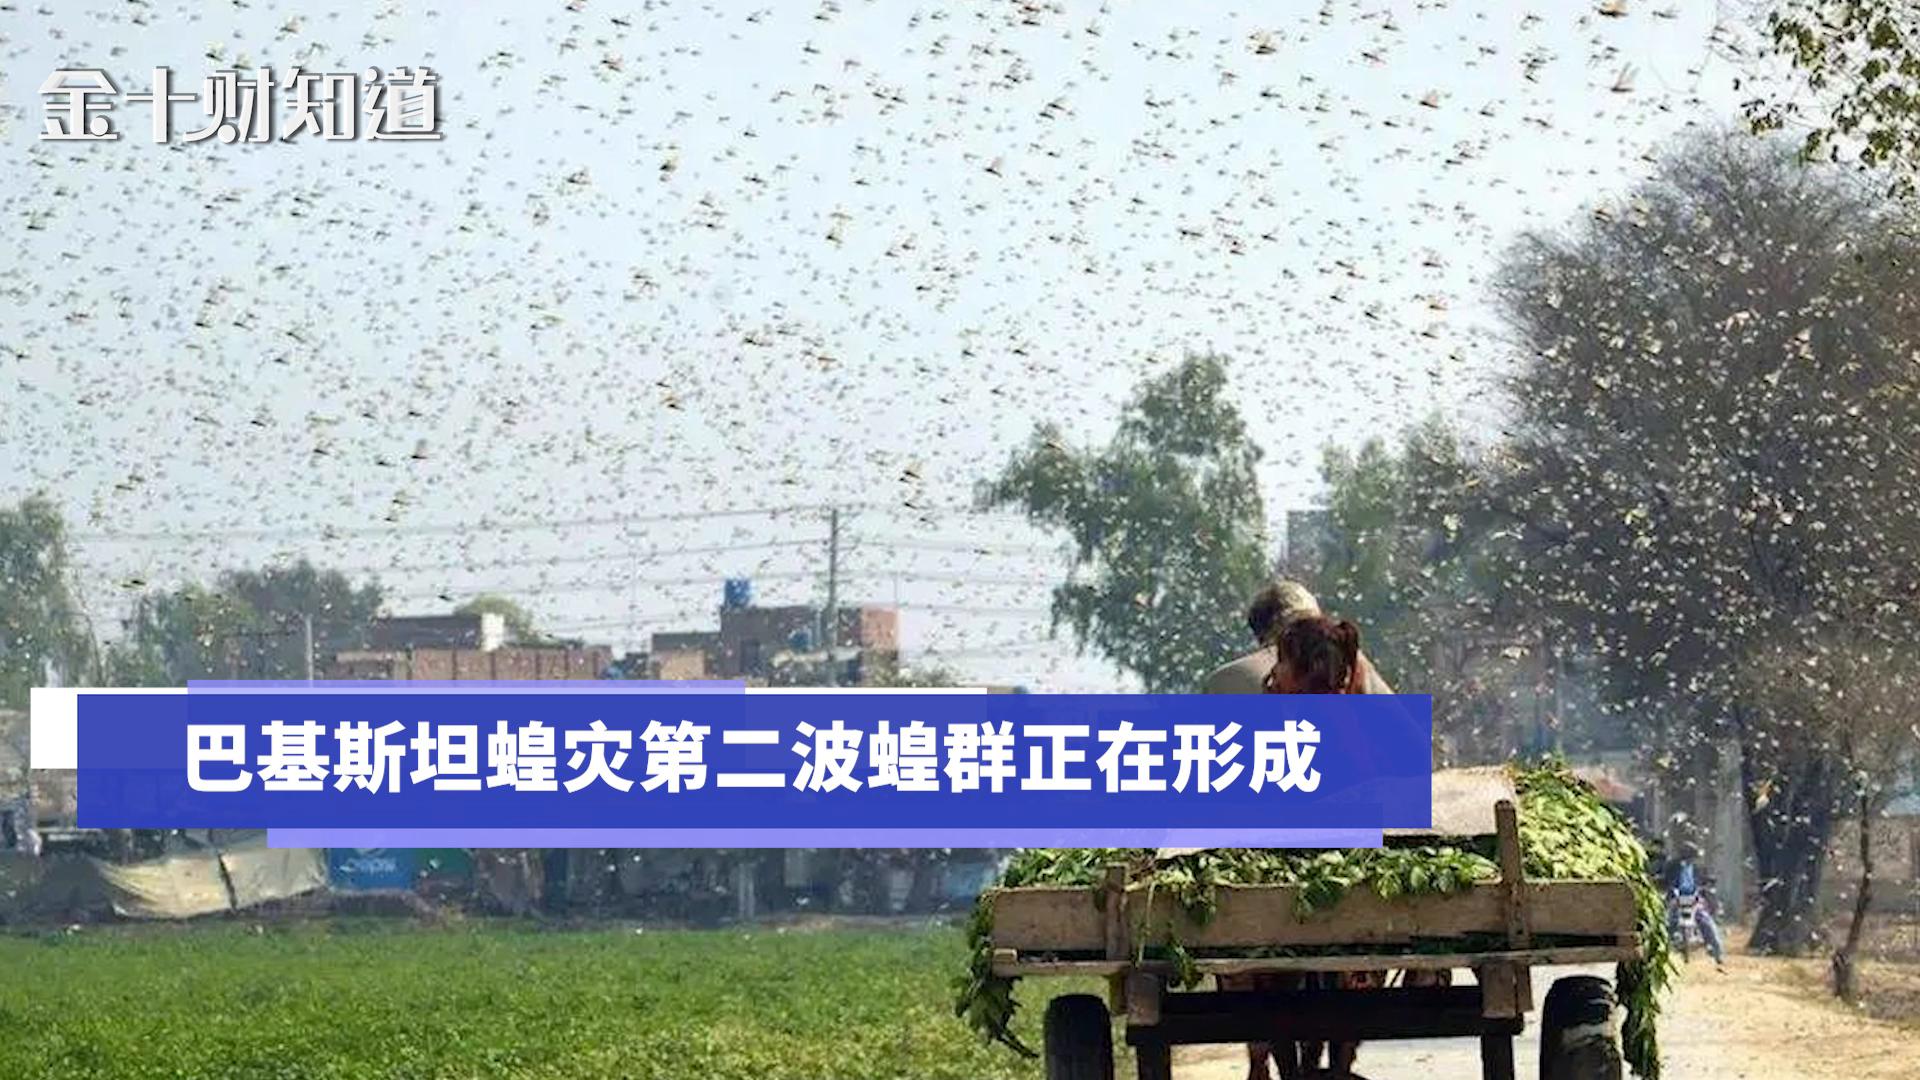 巴基斯坦蝗灾第二波蝗群正在形成,中国援助的药物与药械派上用场